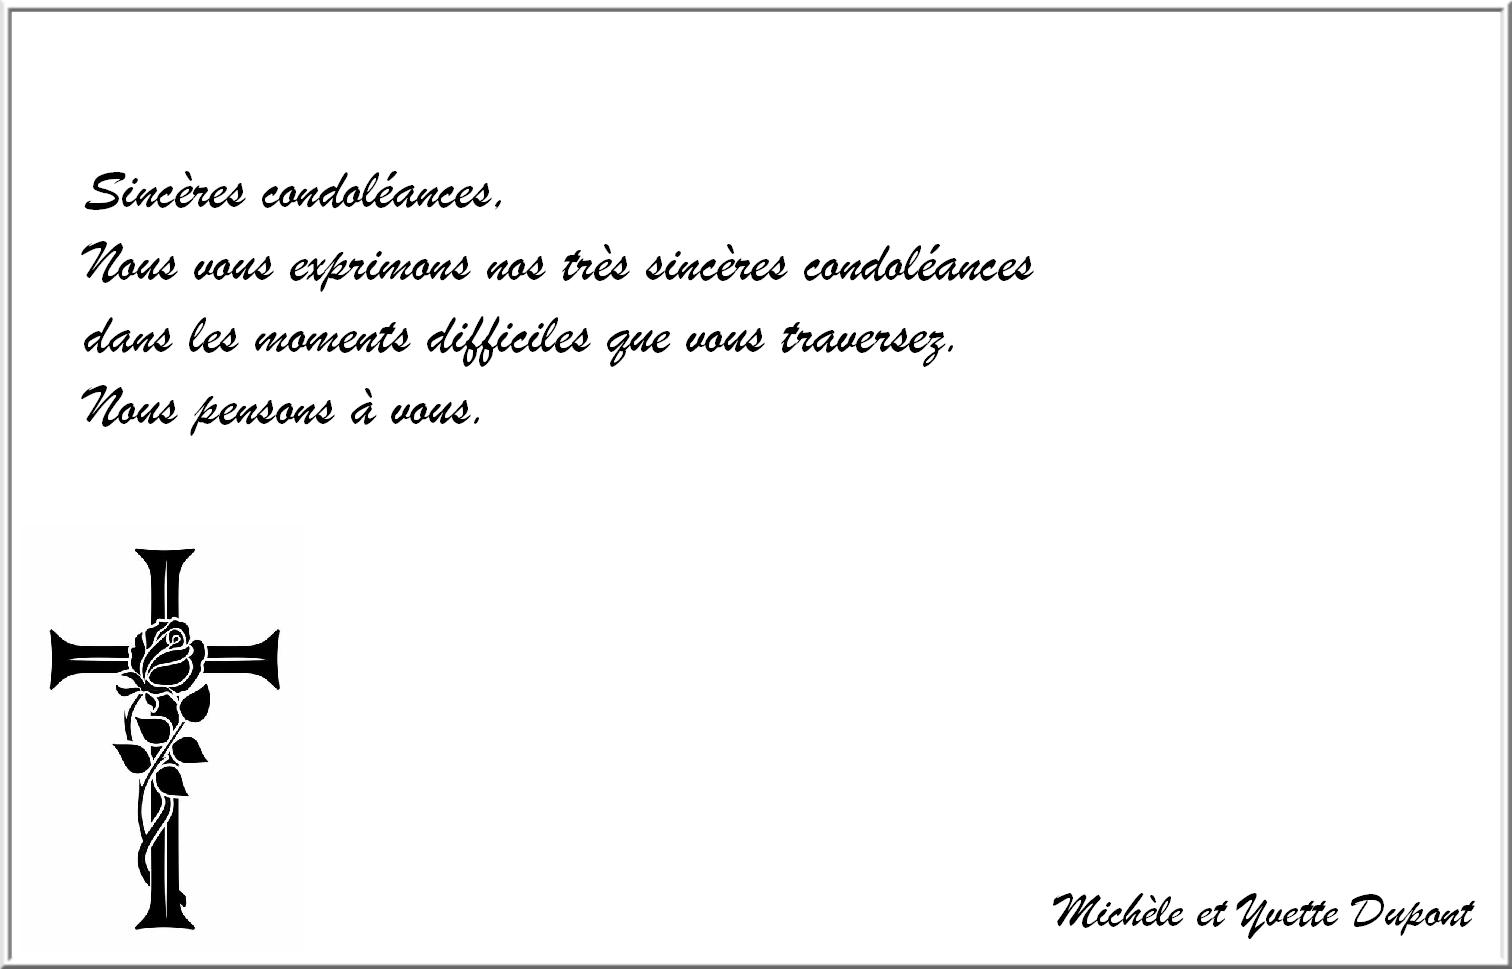 Modele sincere condoleance   Modèle de lettre